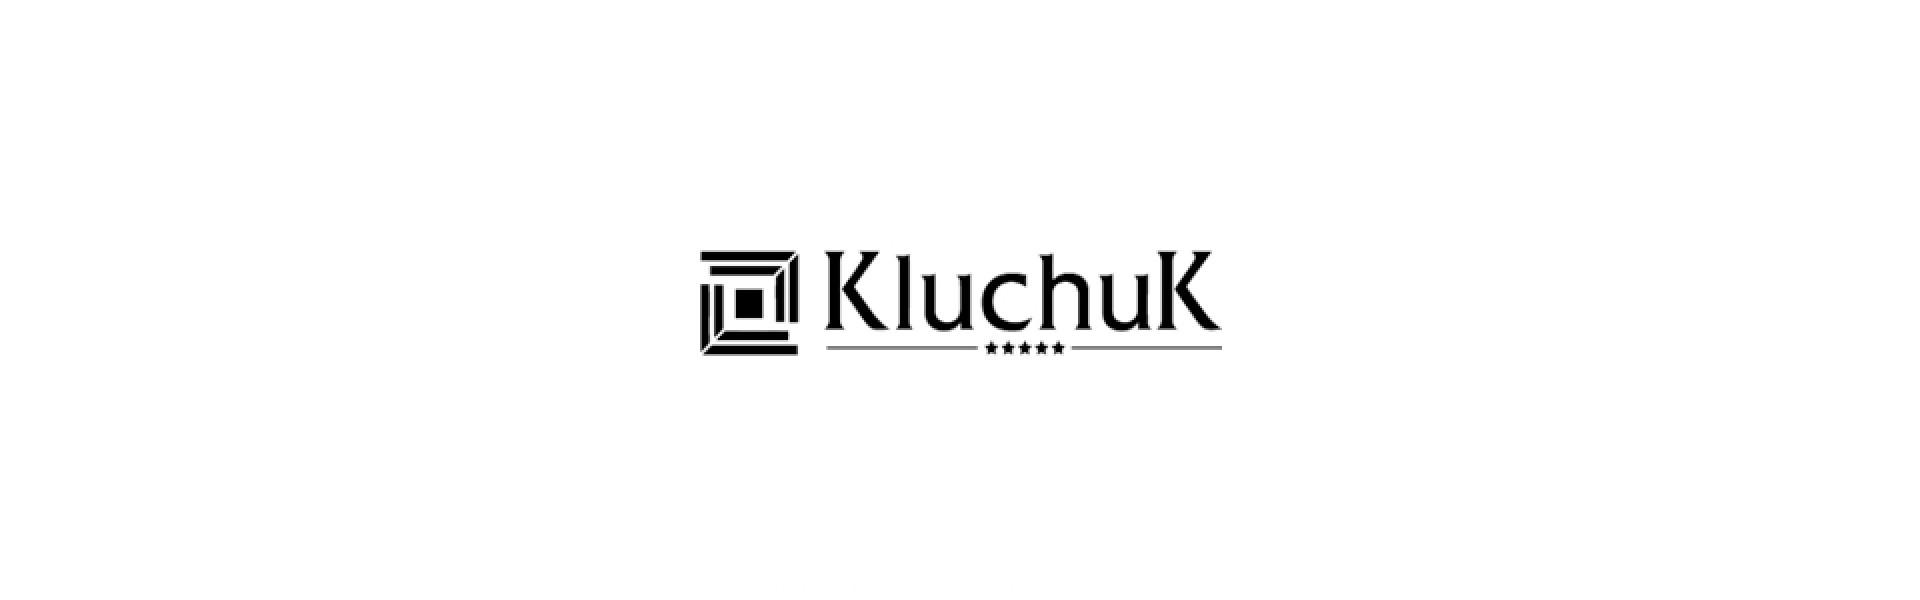 Kluchuk - Украинский напольный плинтус